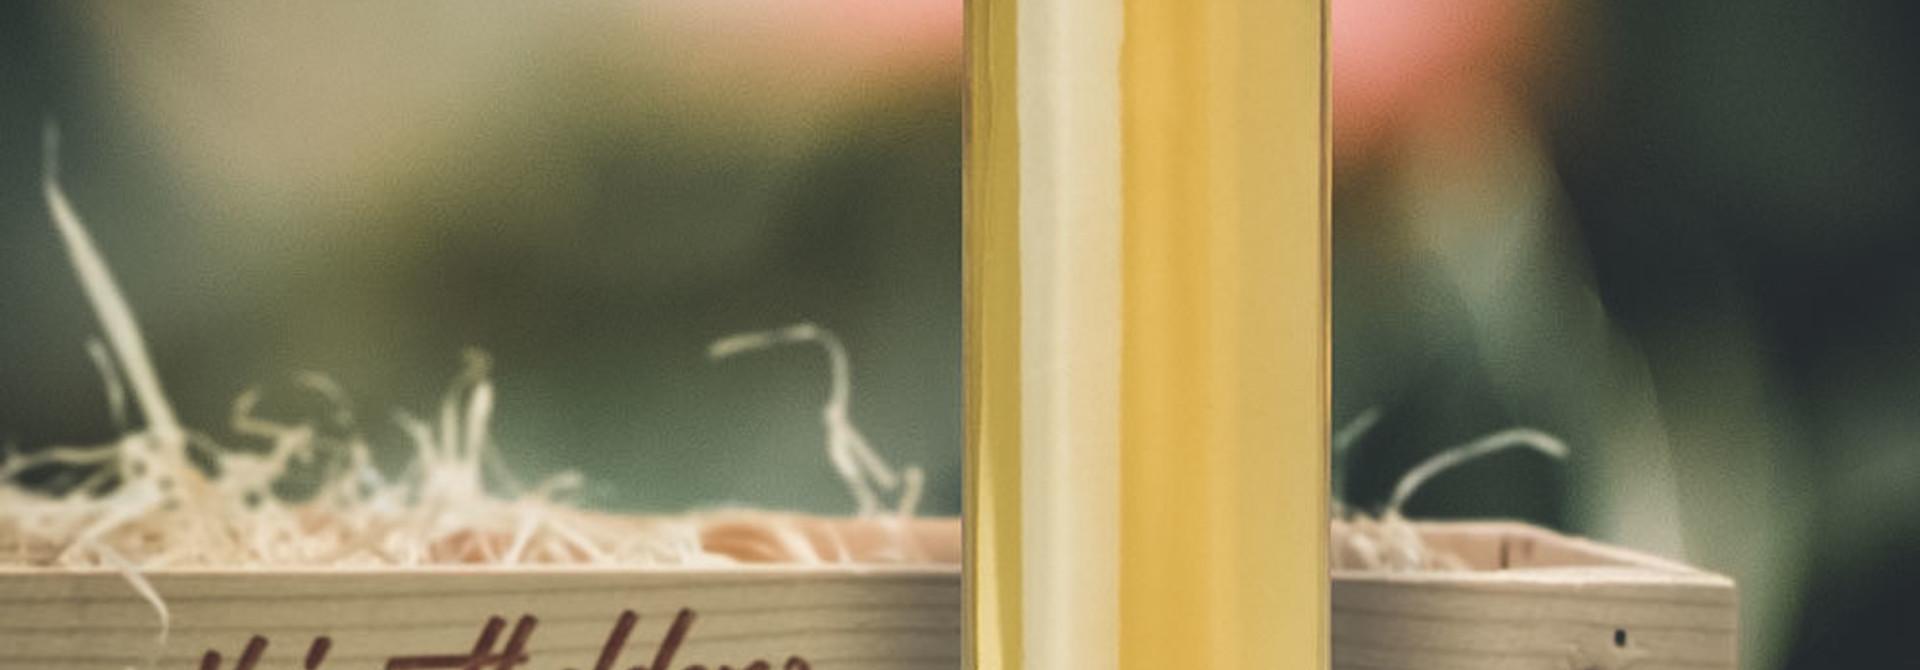 Keiserapfel in dekorativer Geschenk-Holzharasse